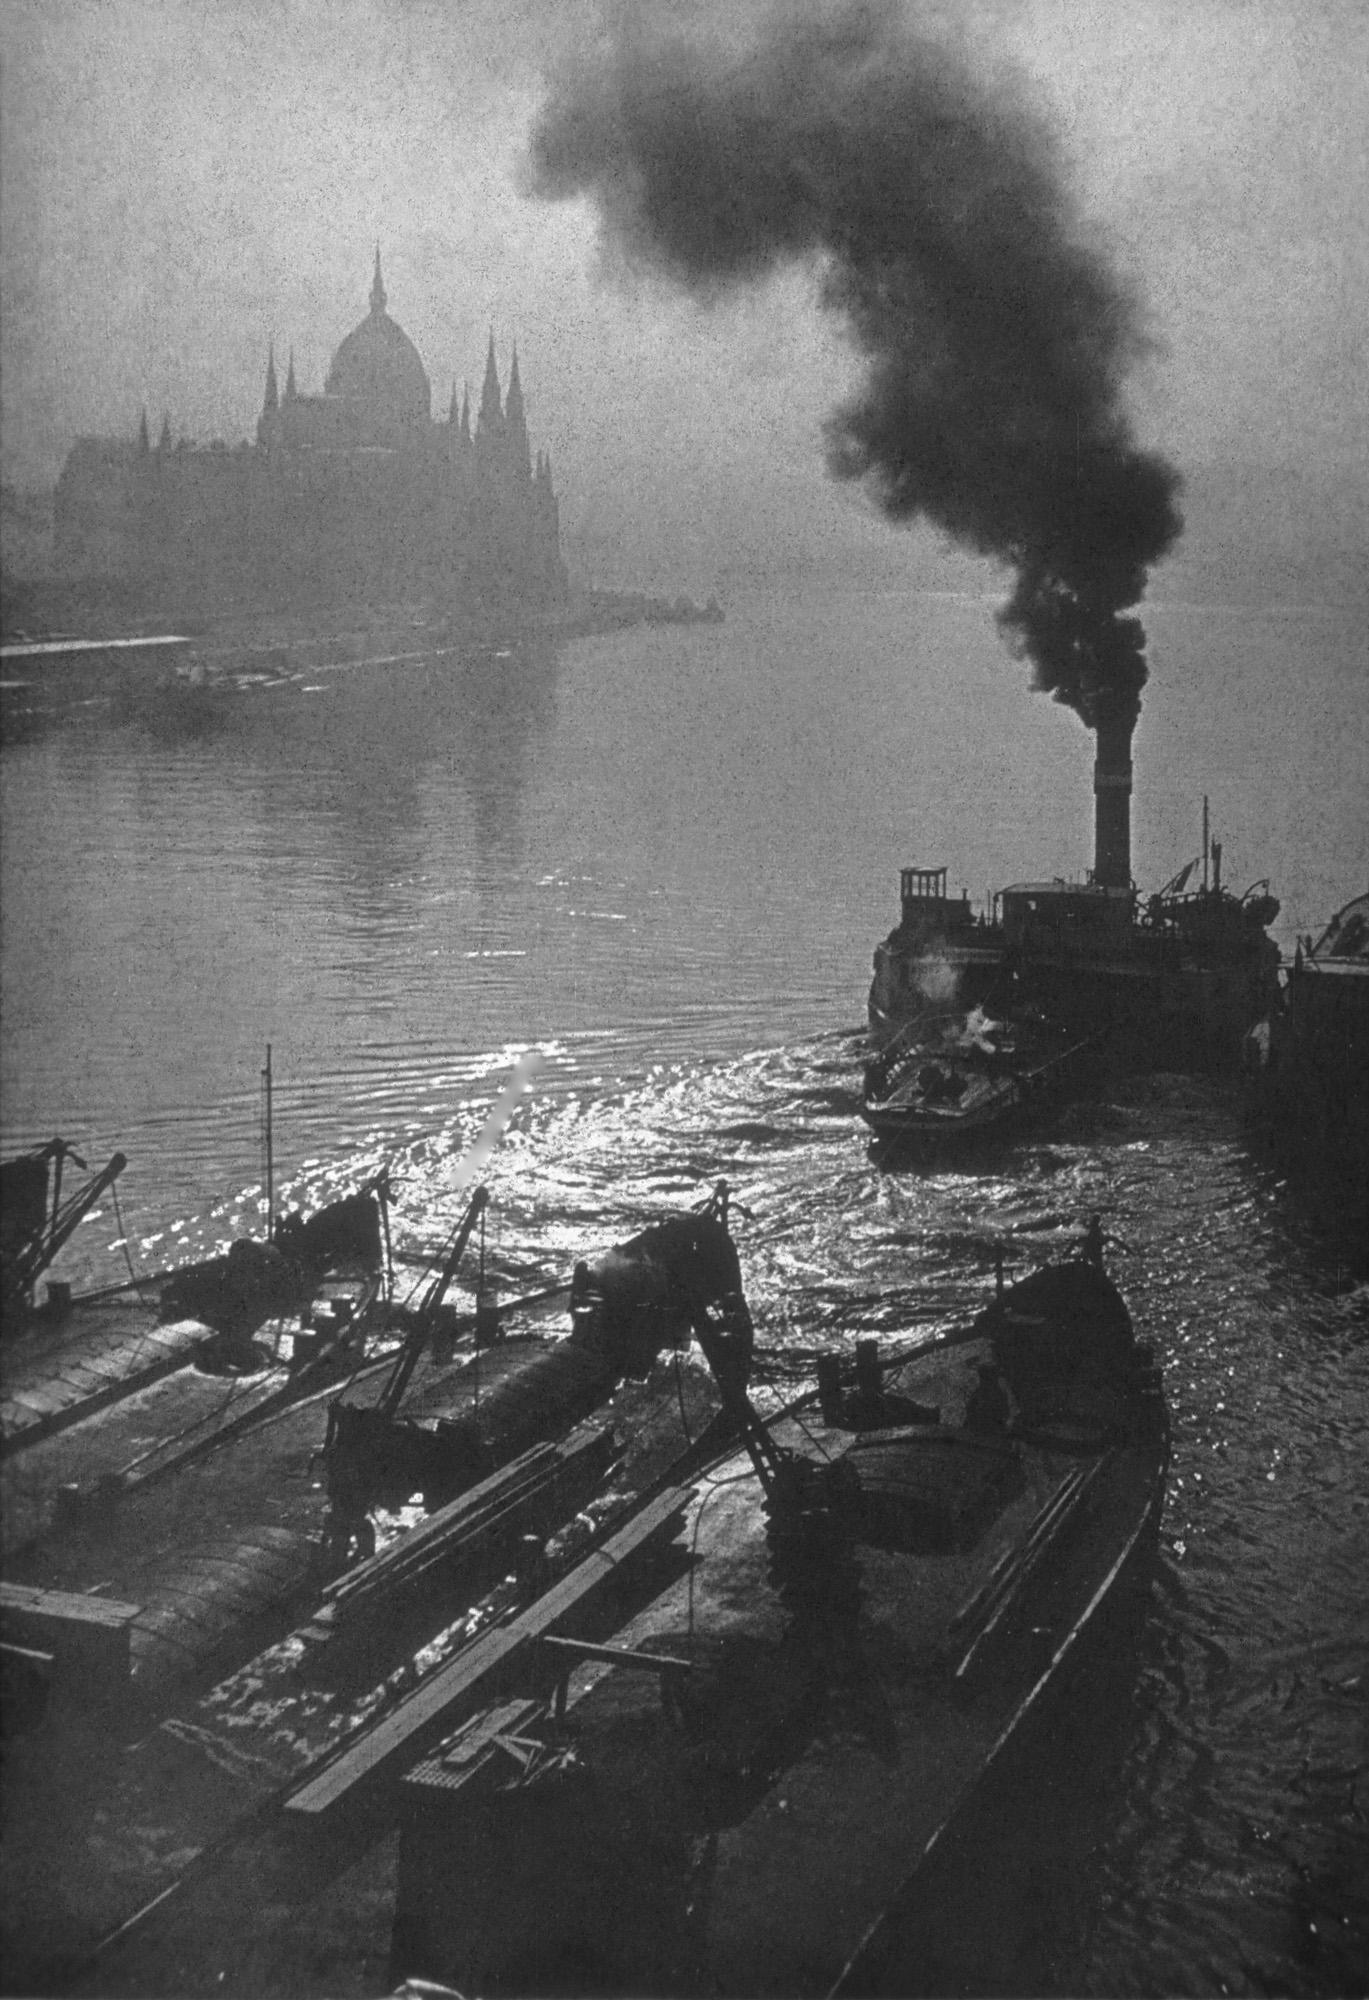 Fotó: Dulovits Jenő: Dunai részlet, háttérben hajók és a Parlament, 1930-as évek eleje © Magyar Fotográfiai Múzeum